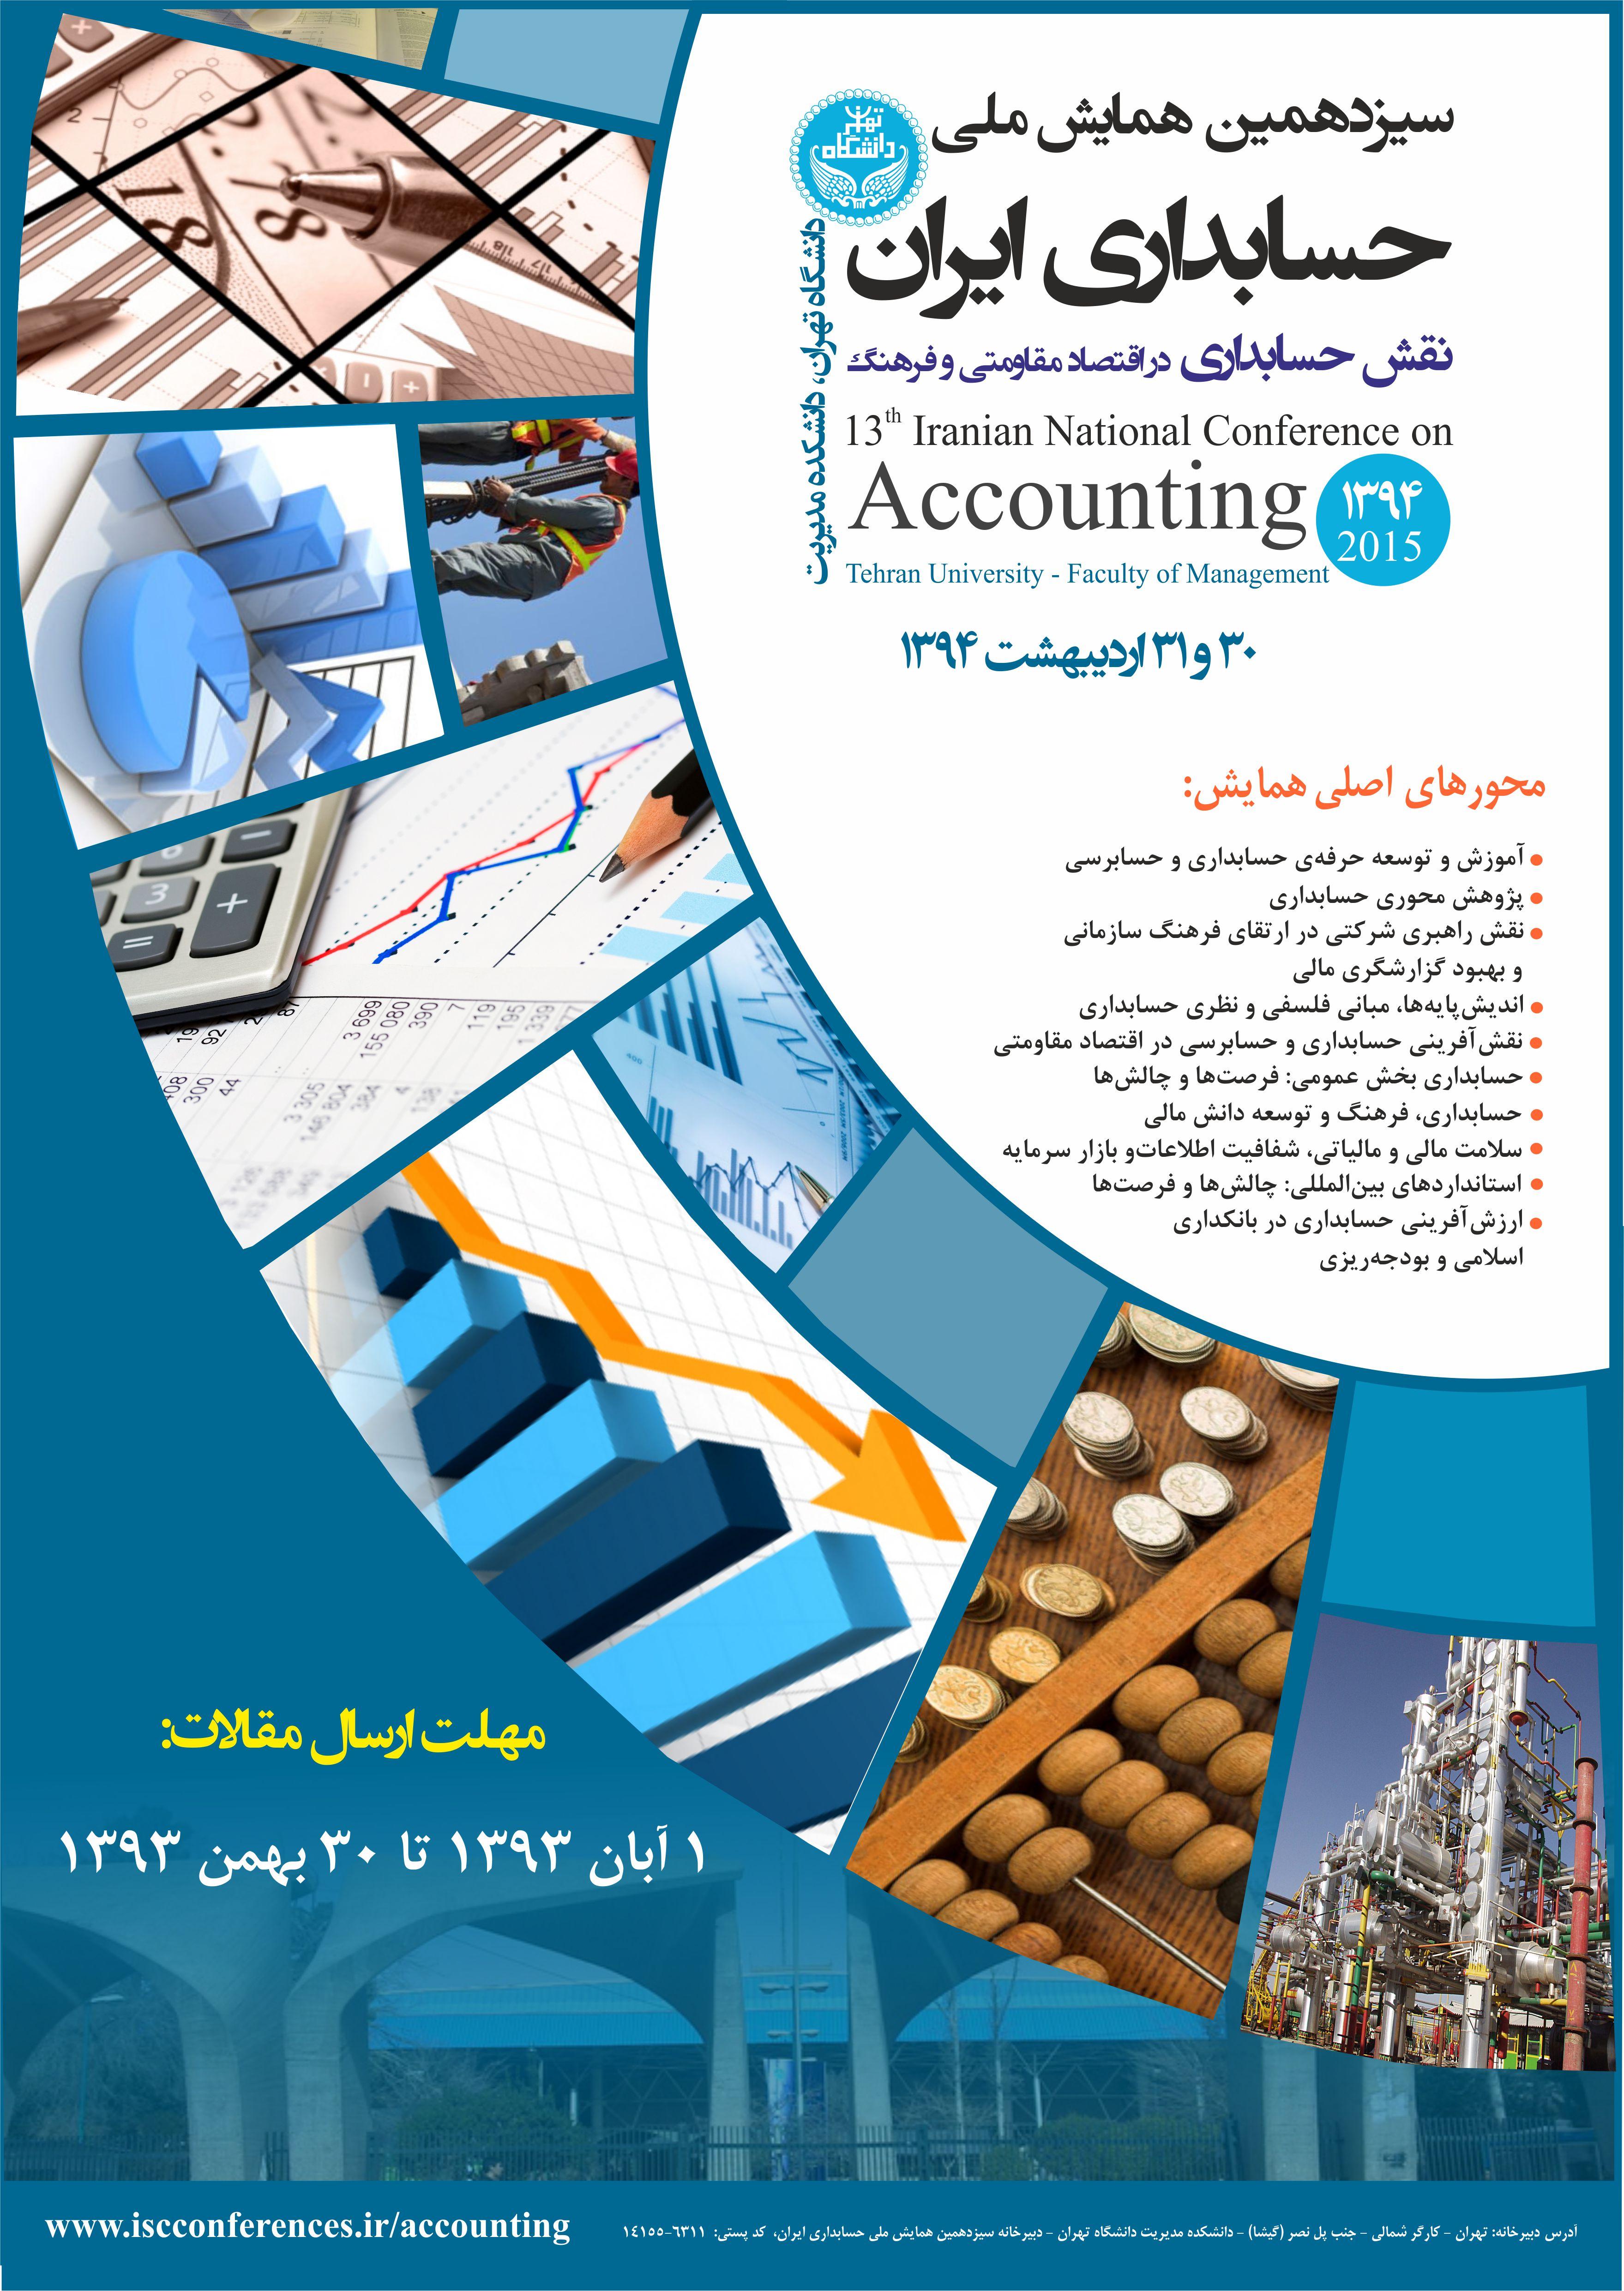 فهرست مقالات منتخب جهت ارائه در سیزدهمین همایش ملی حسابداری ایران